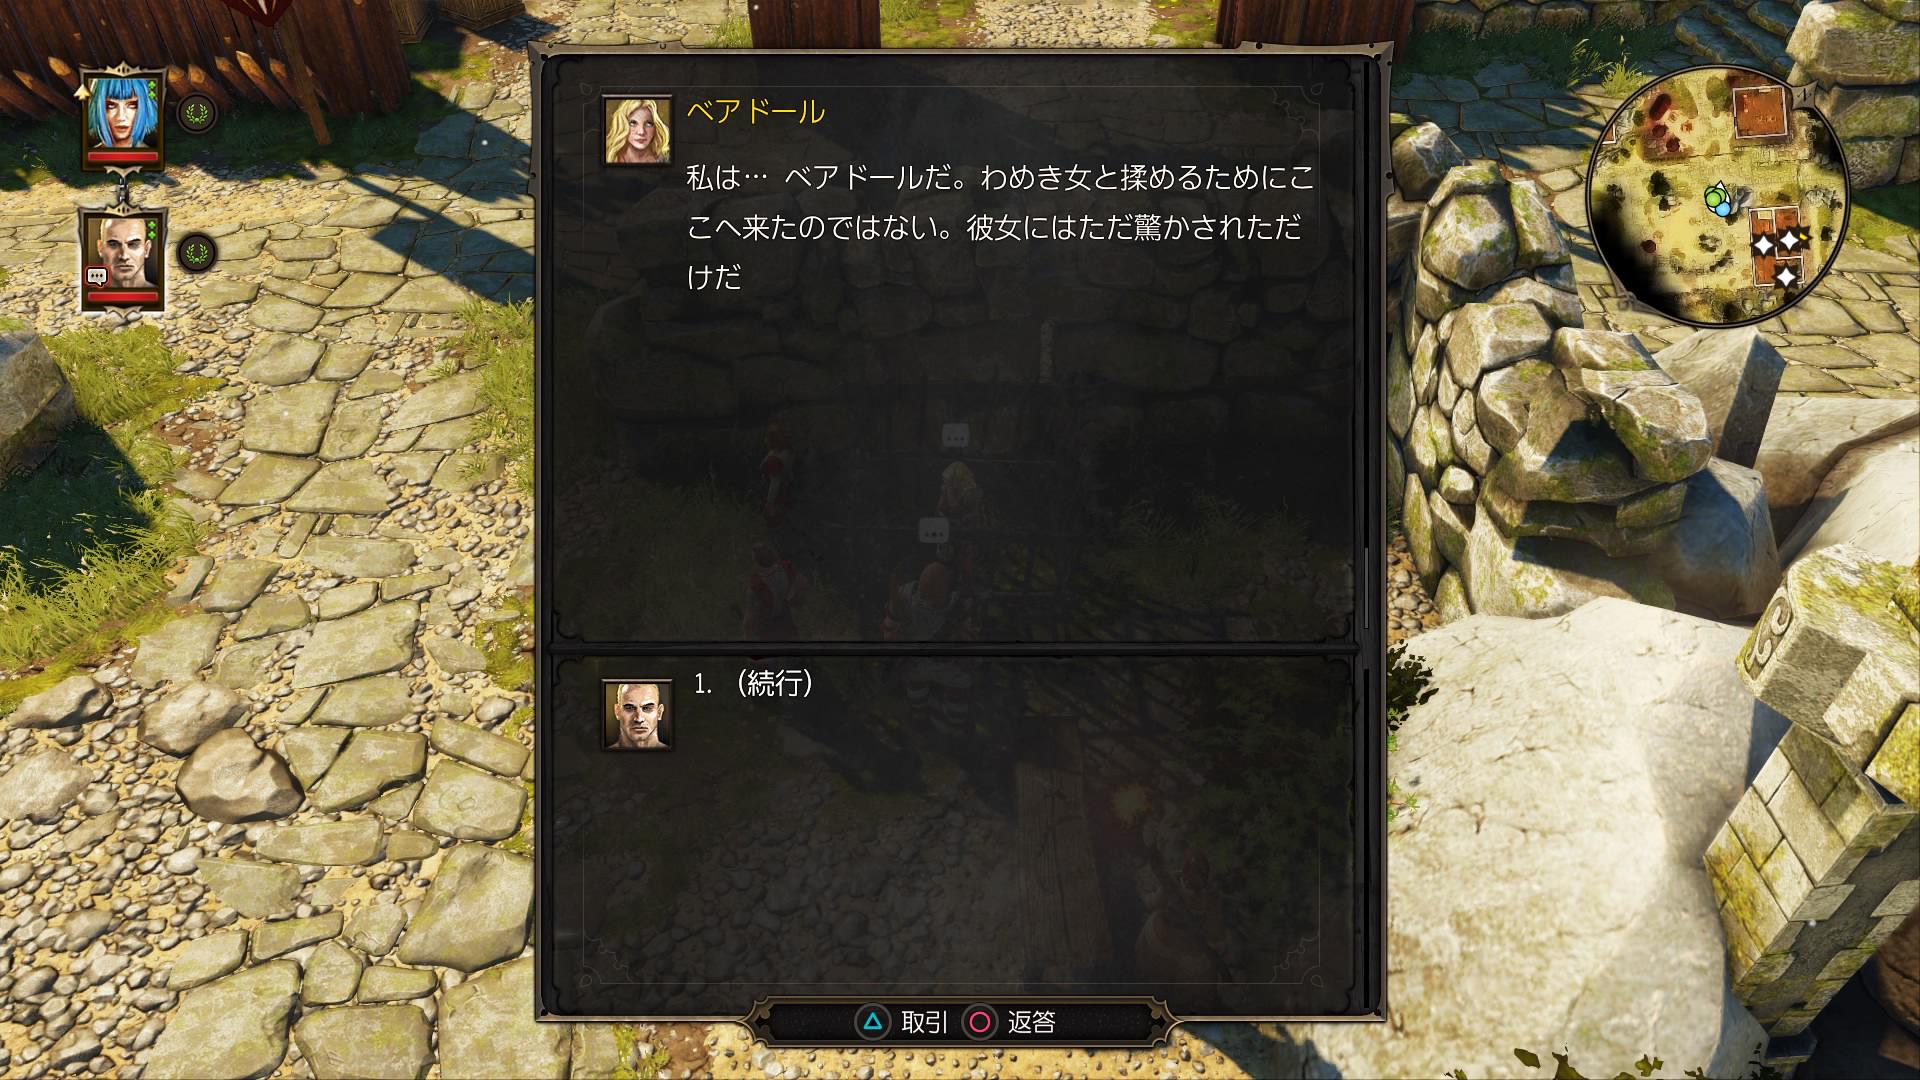 DIVINITY_04_01.jpg